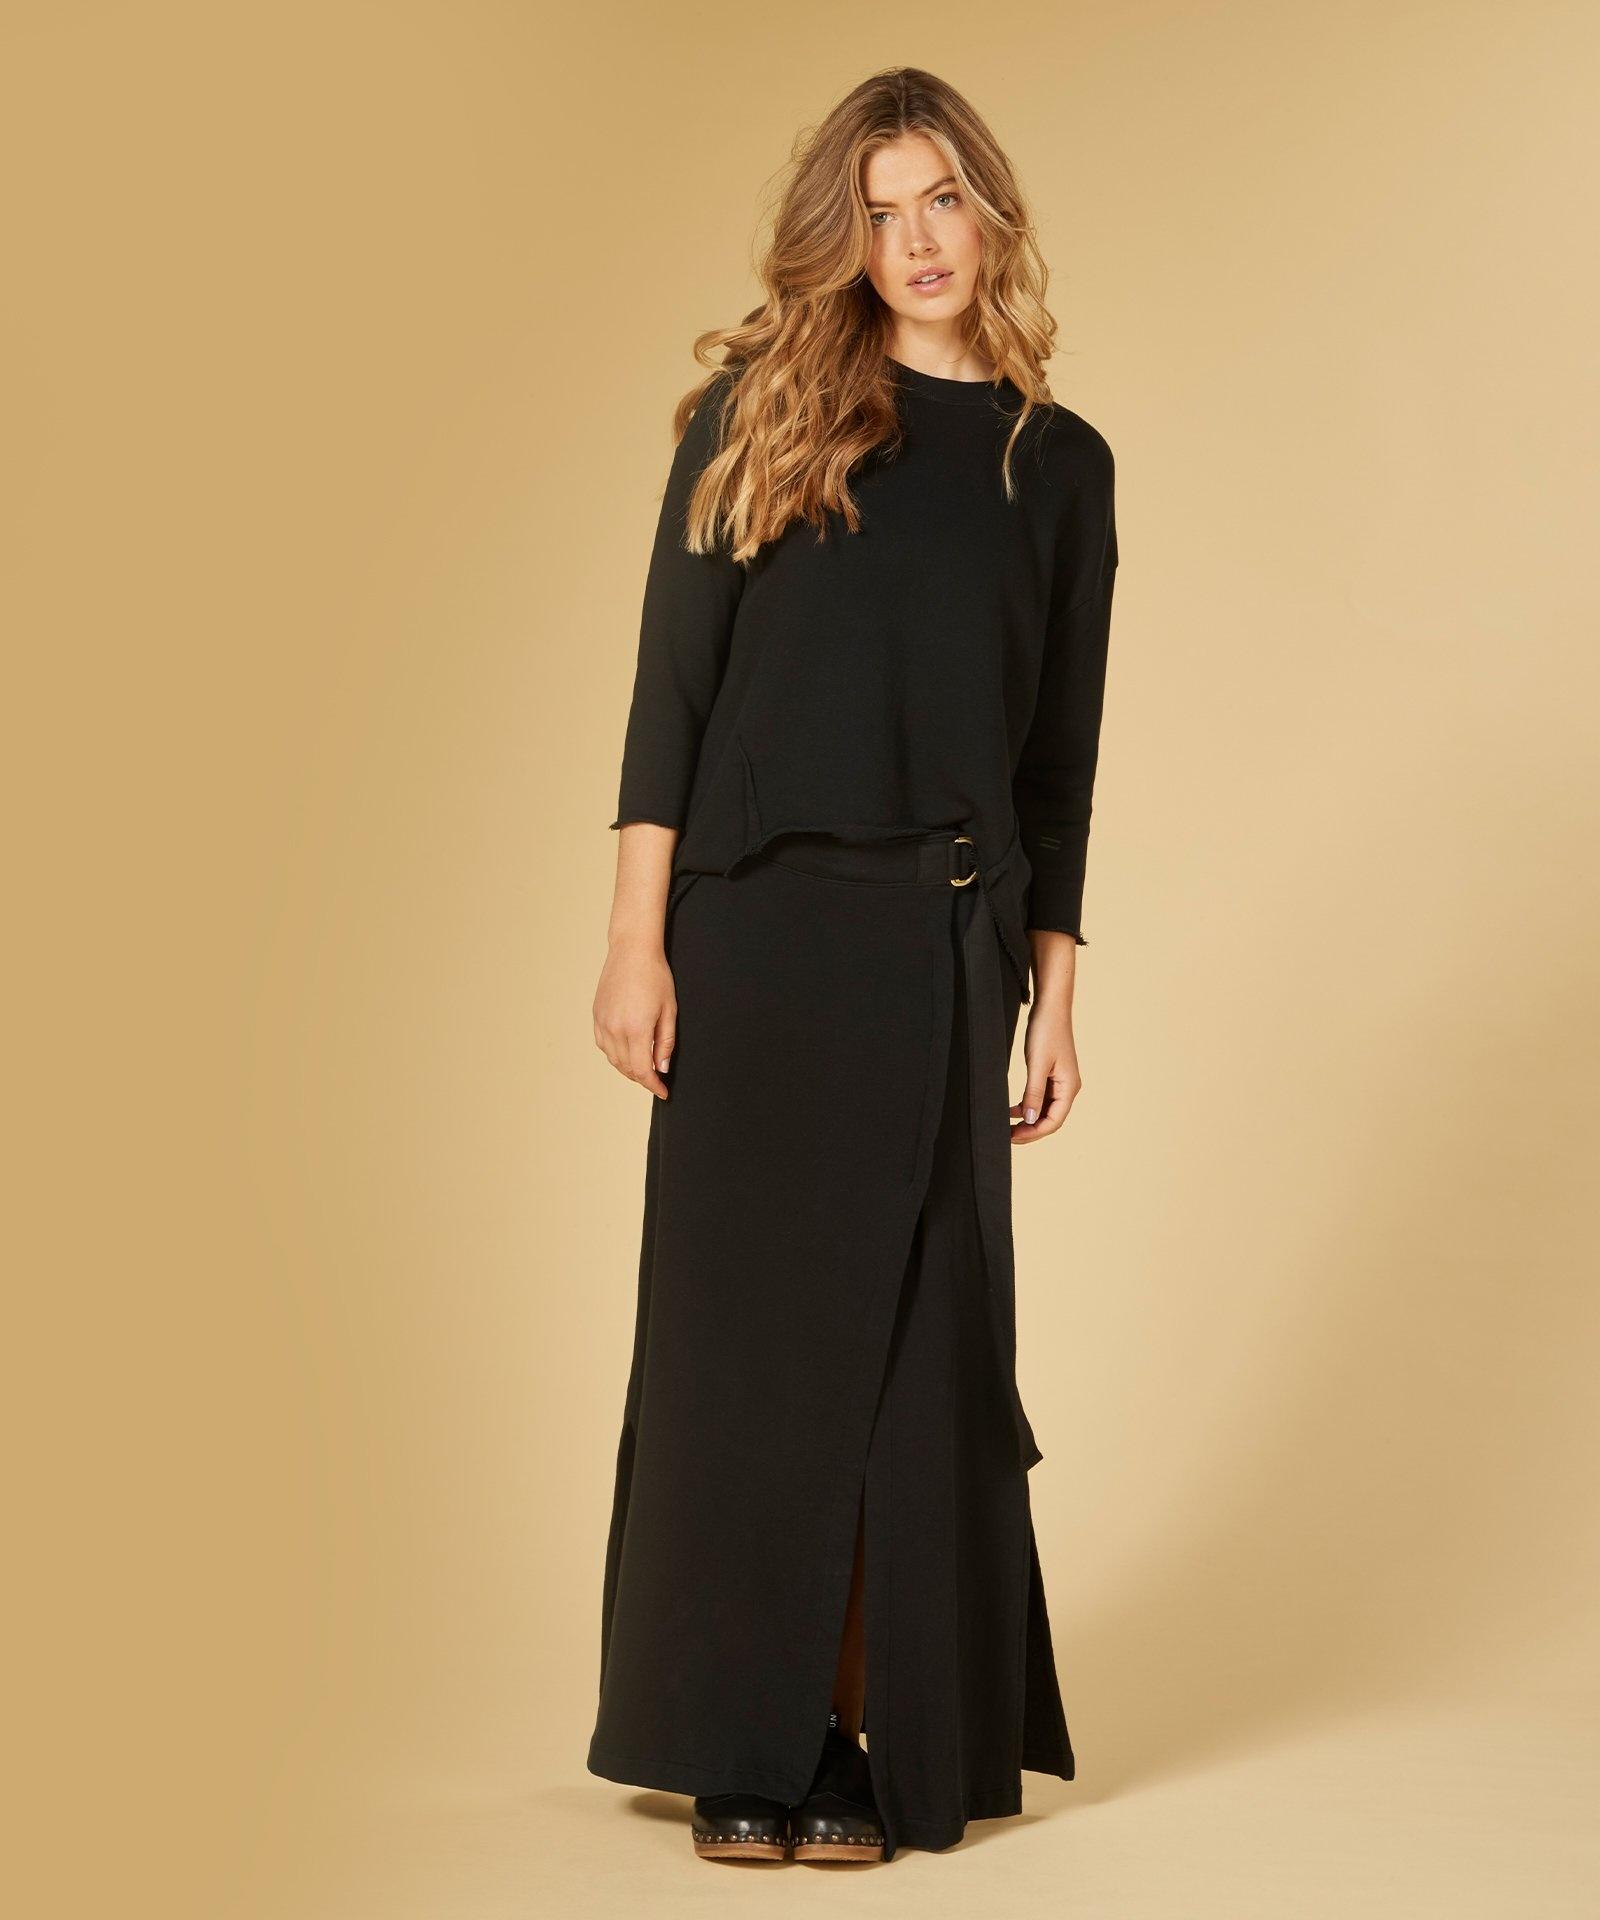 Rok belted long skirt black-8